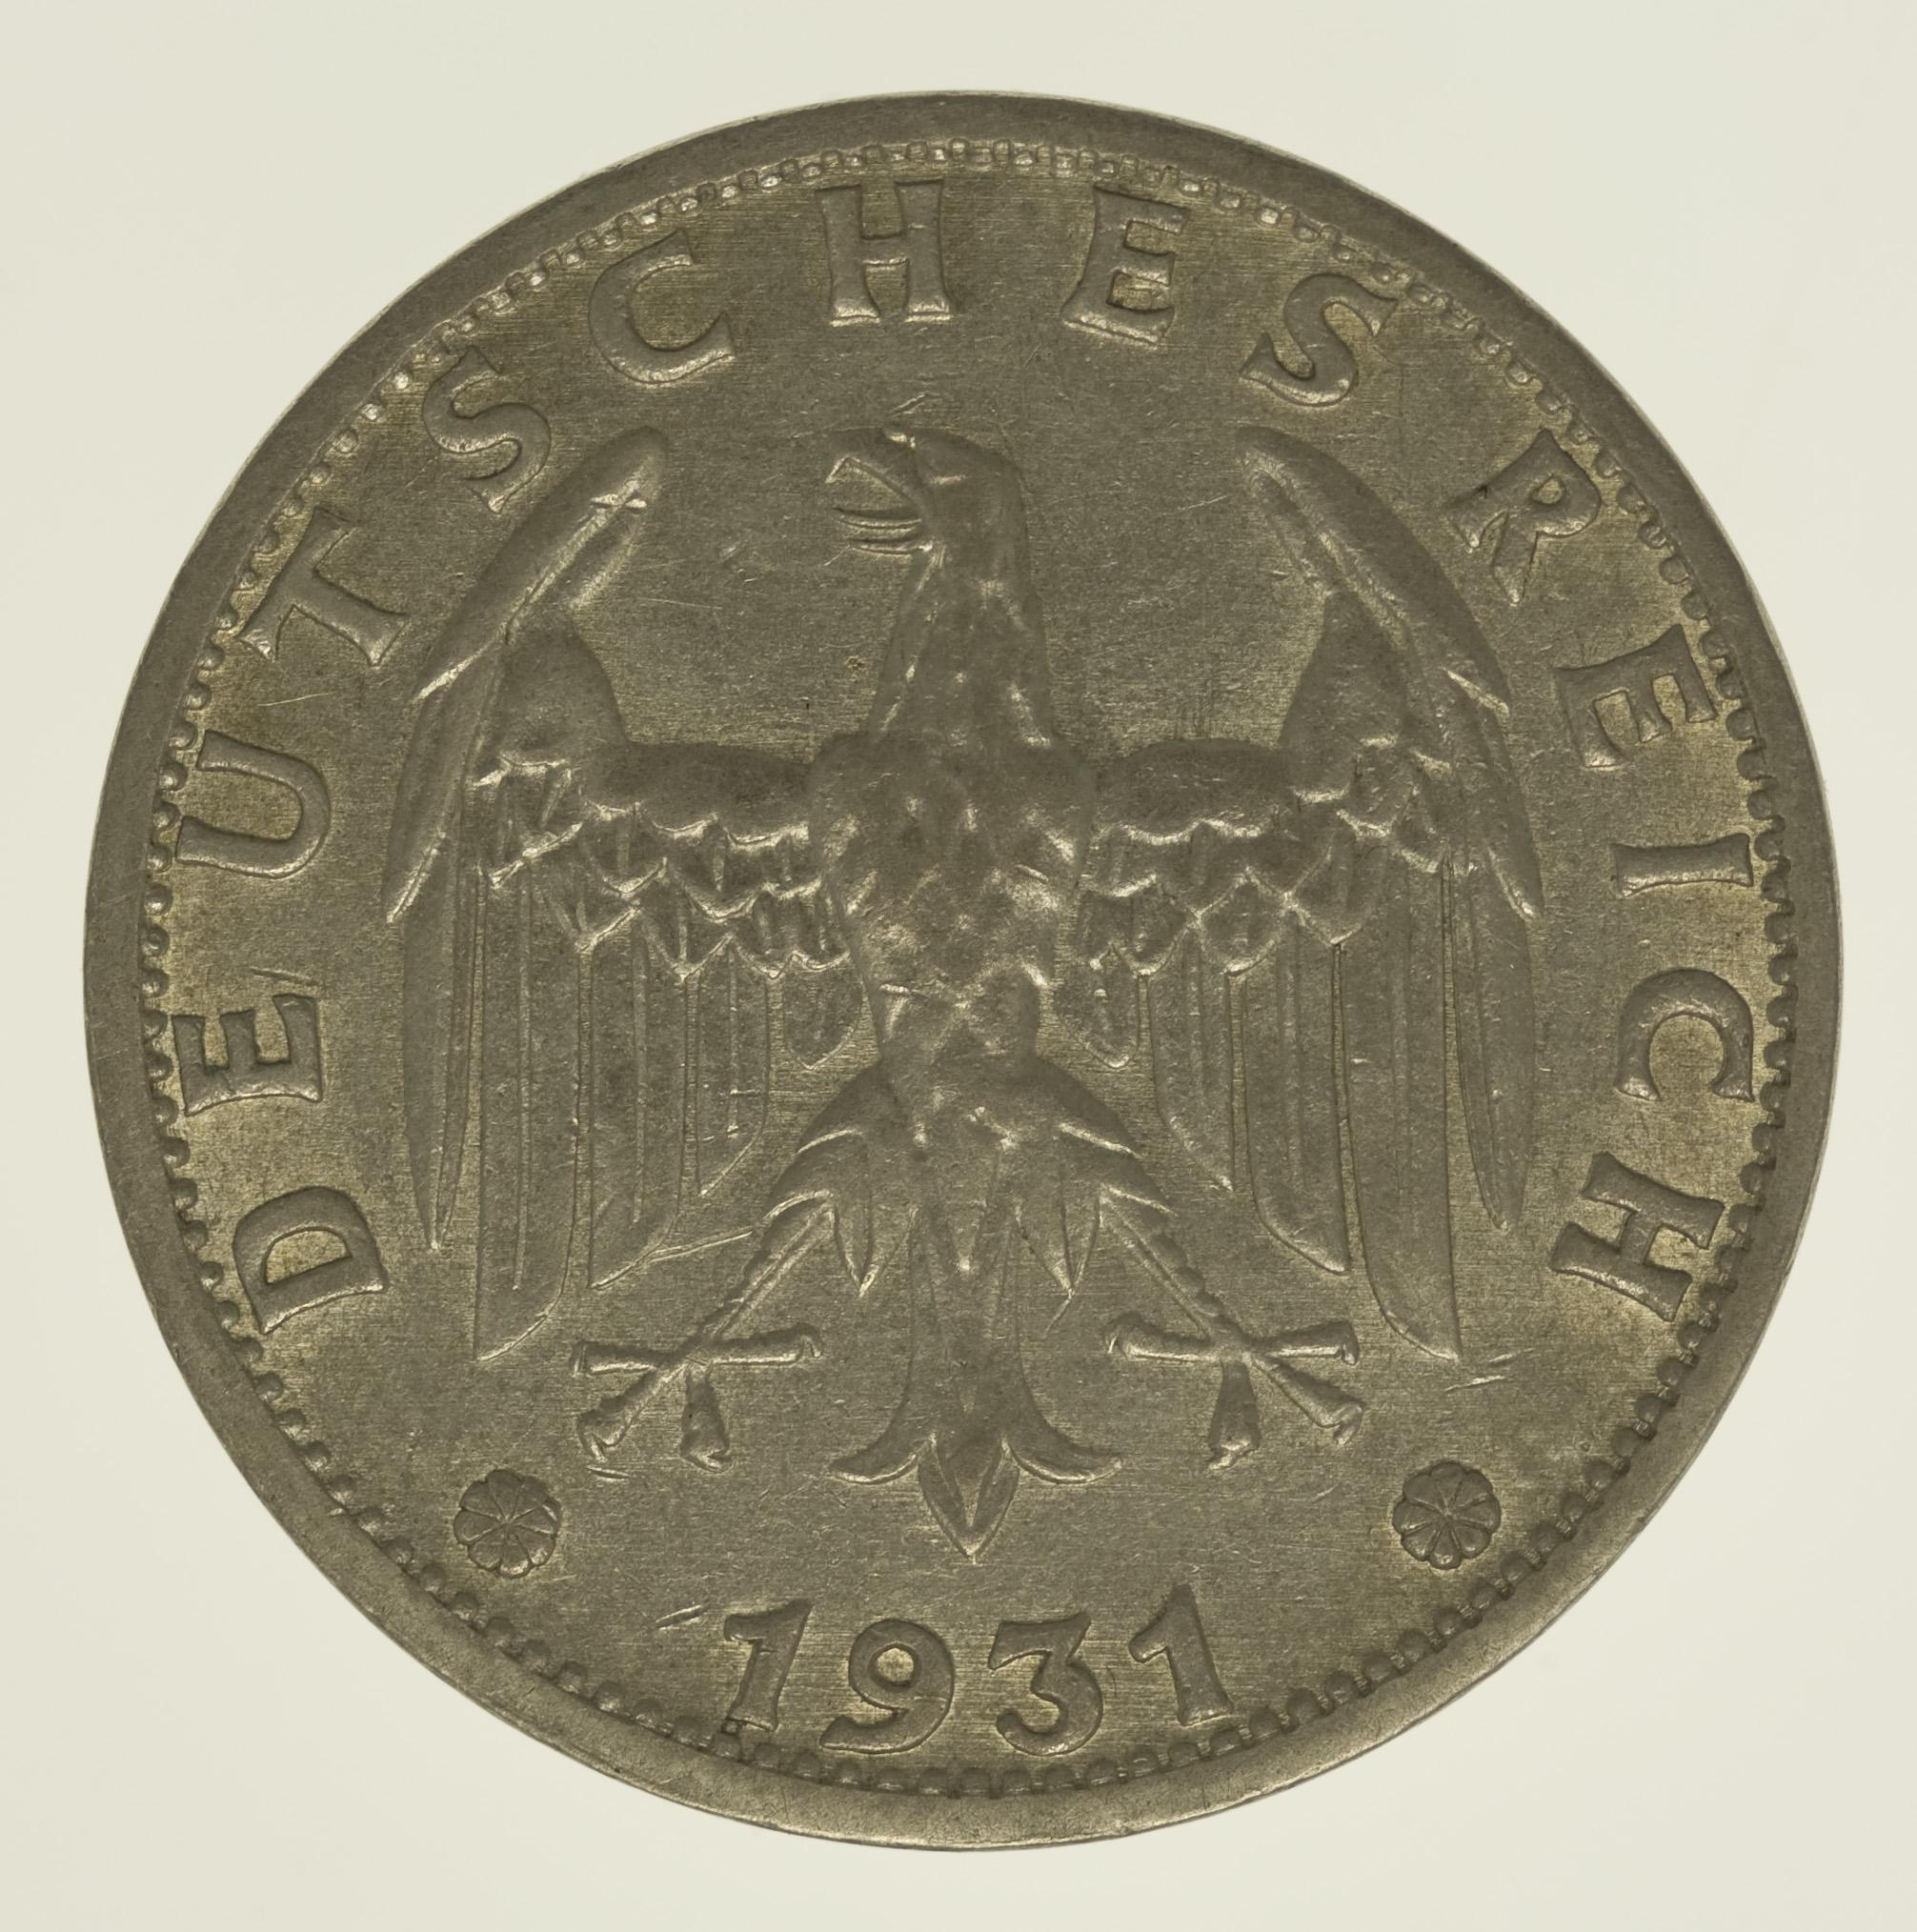 Weimarer Republik 3 Reichsmark 1931 Pro Aurum Numismatik